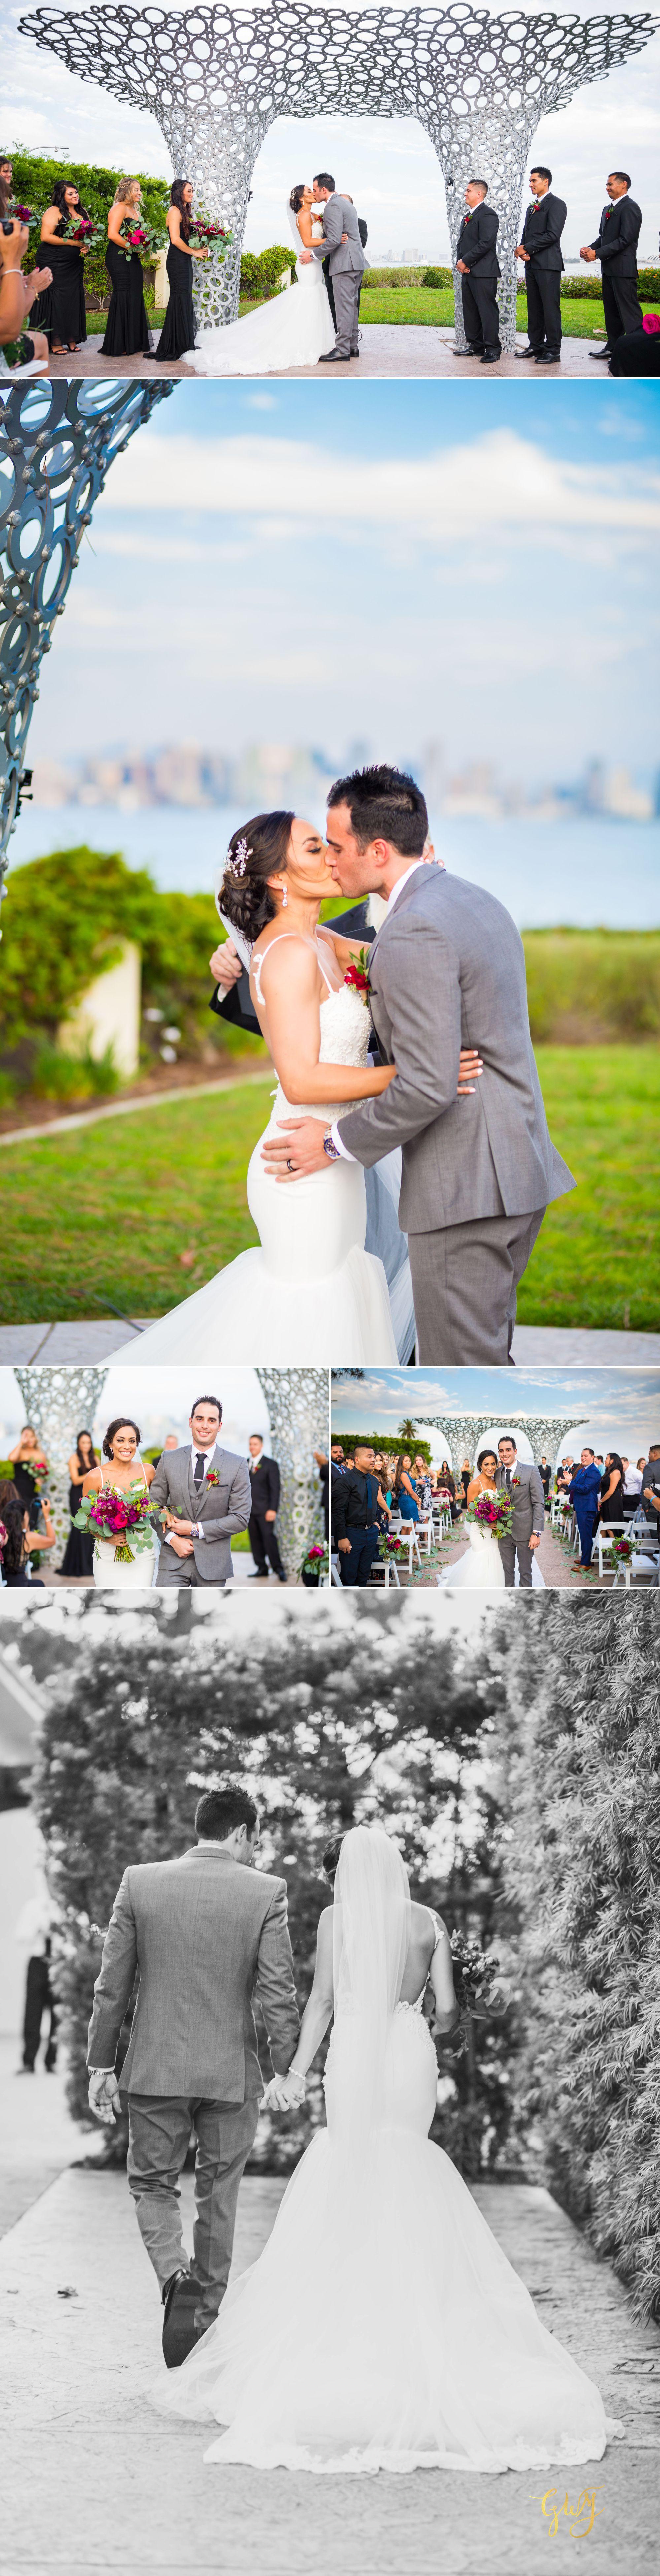 Alex + Jackie Elegant Tom Ham's Lighthouse San Diego Wedding by Glass Woods Media 27.jpg